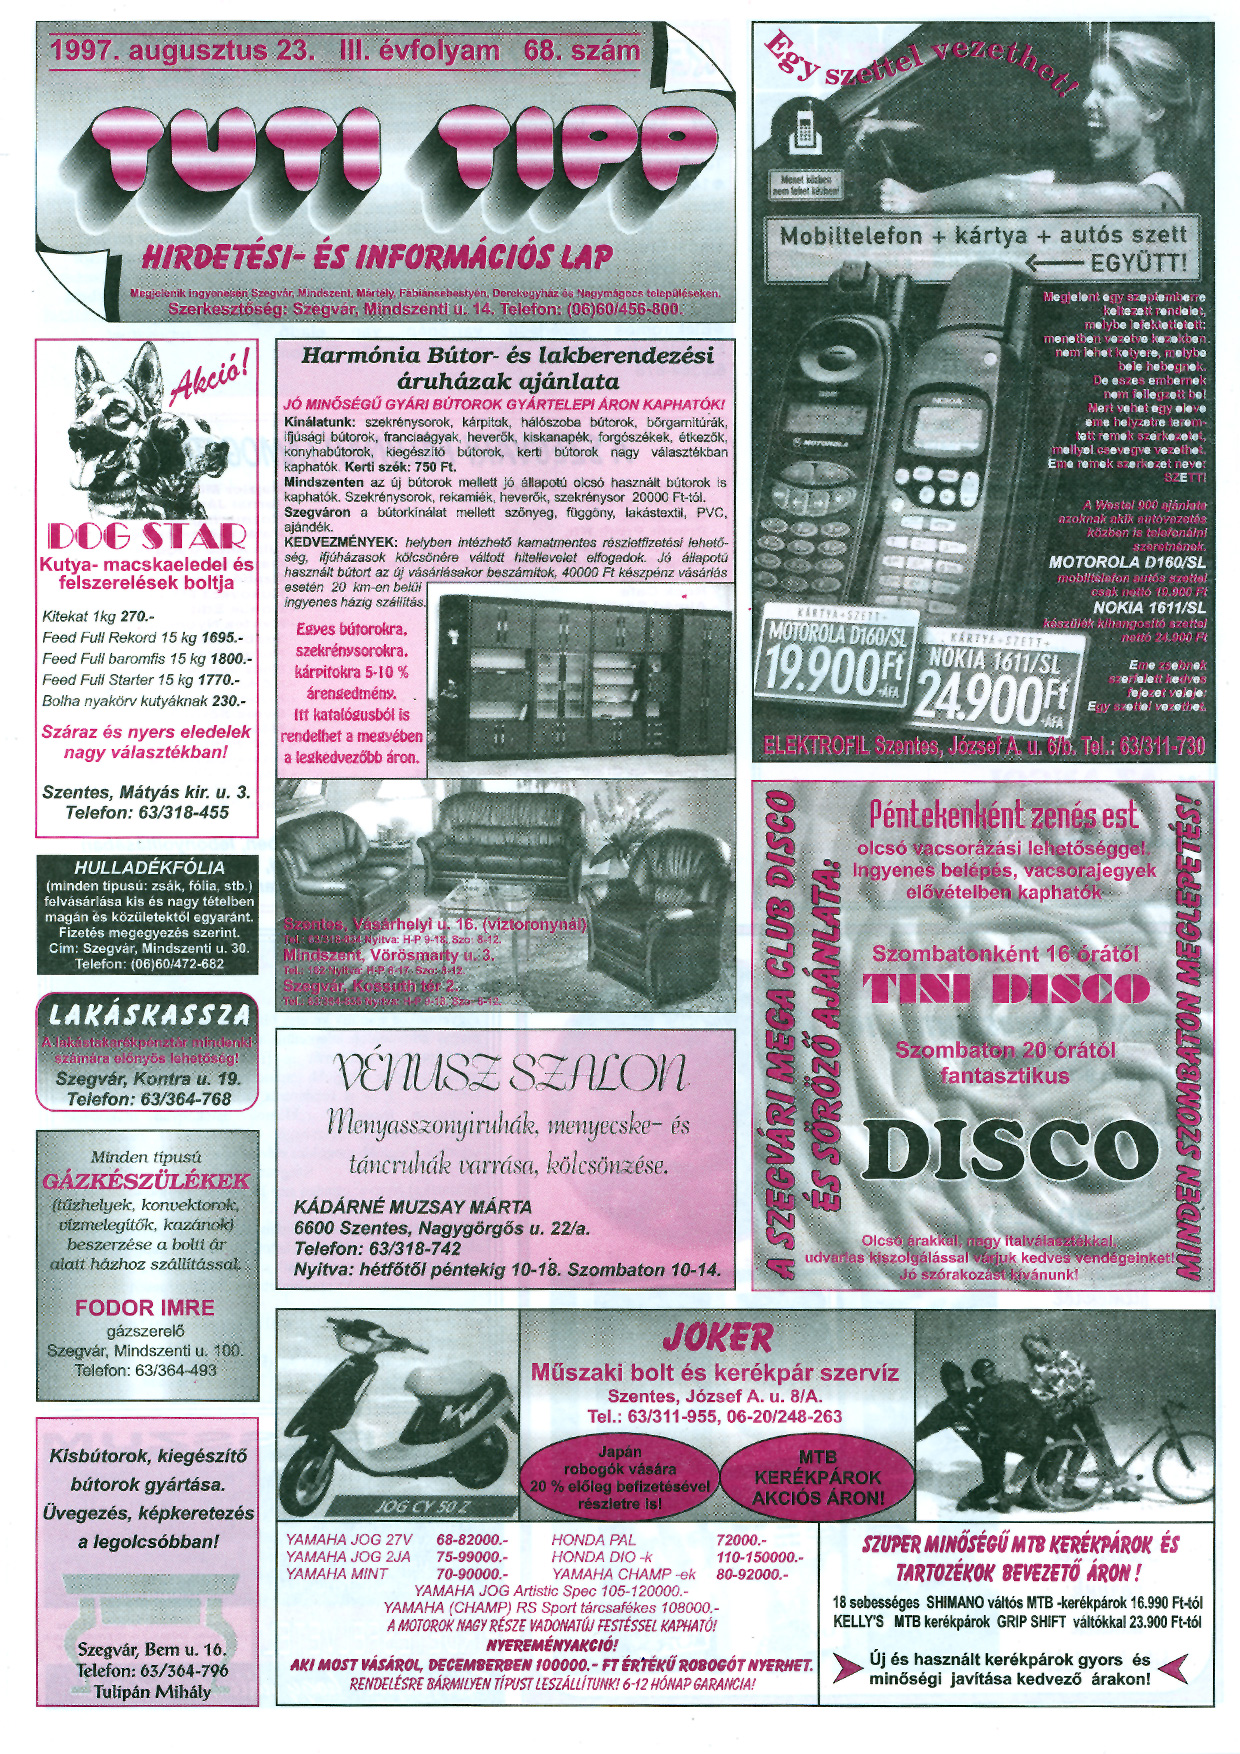 031 Tuti Tipp reklámújság - 19970823-068. lapszám - 1.oldal - III. évfolyam.jpg